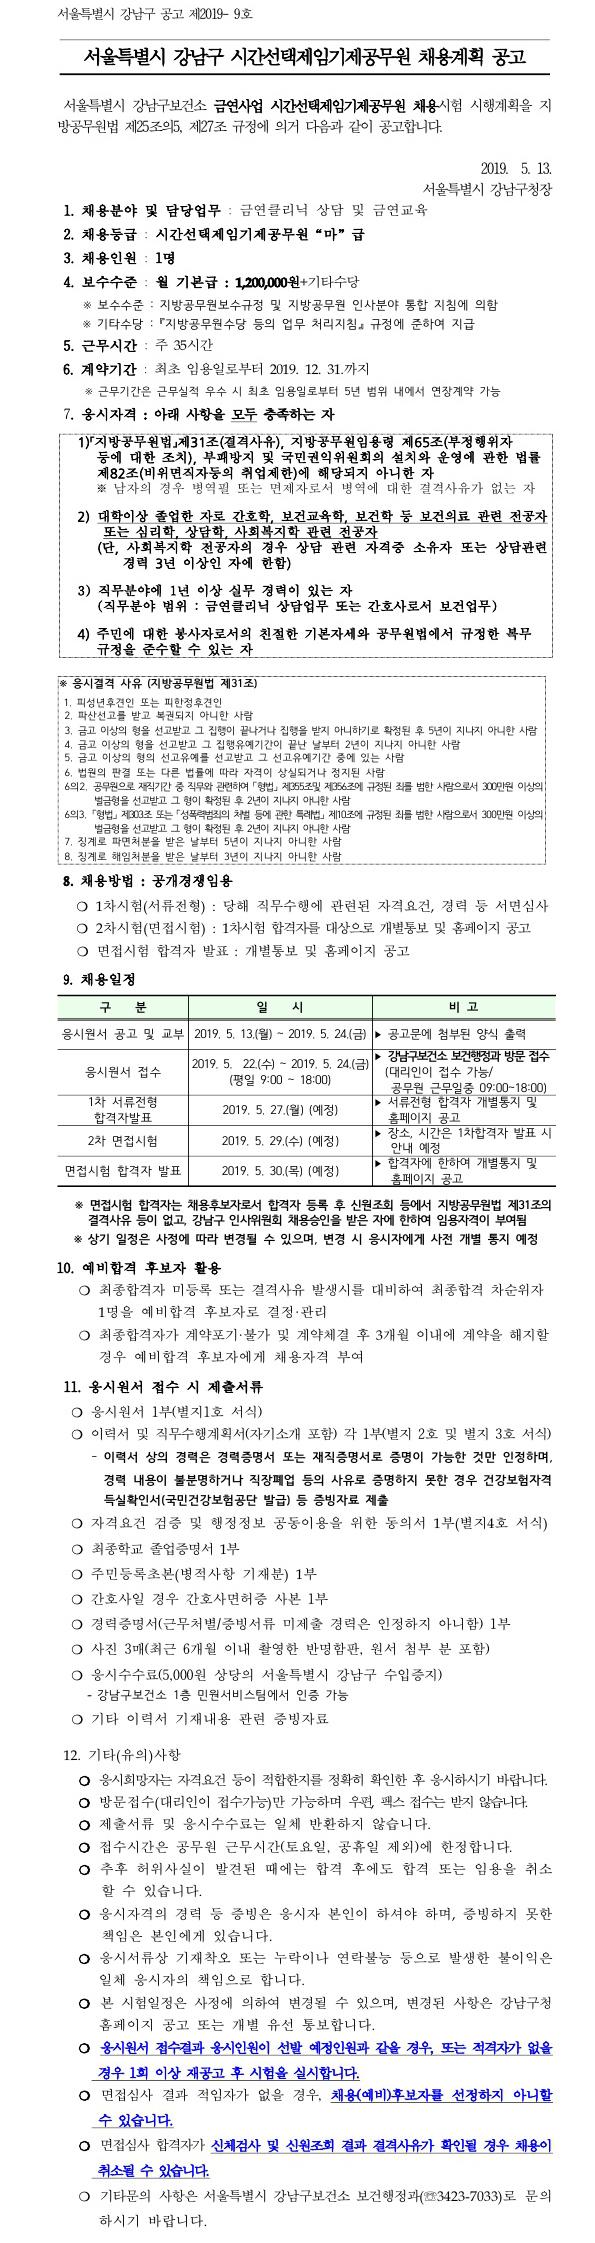 190515_서울시강남구_공고문(1).jpg